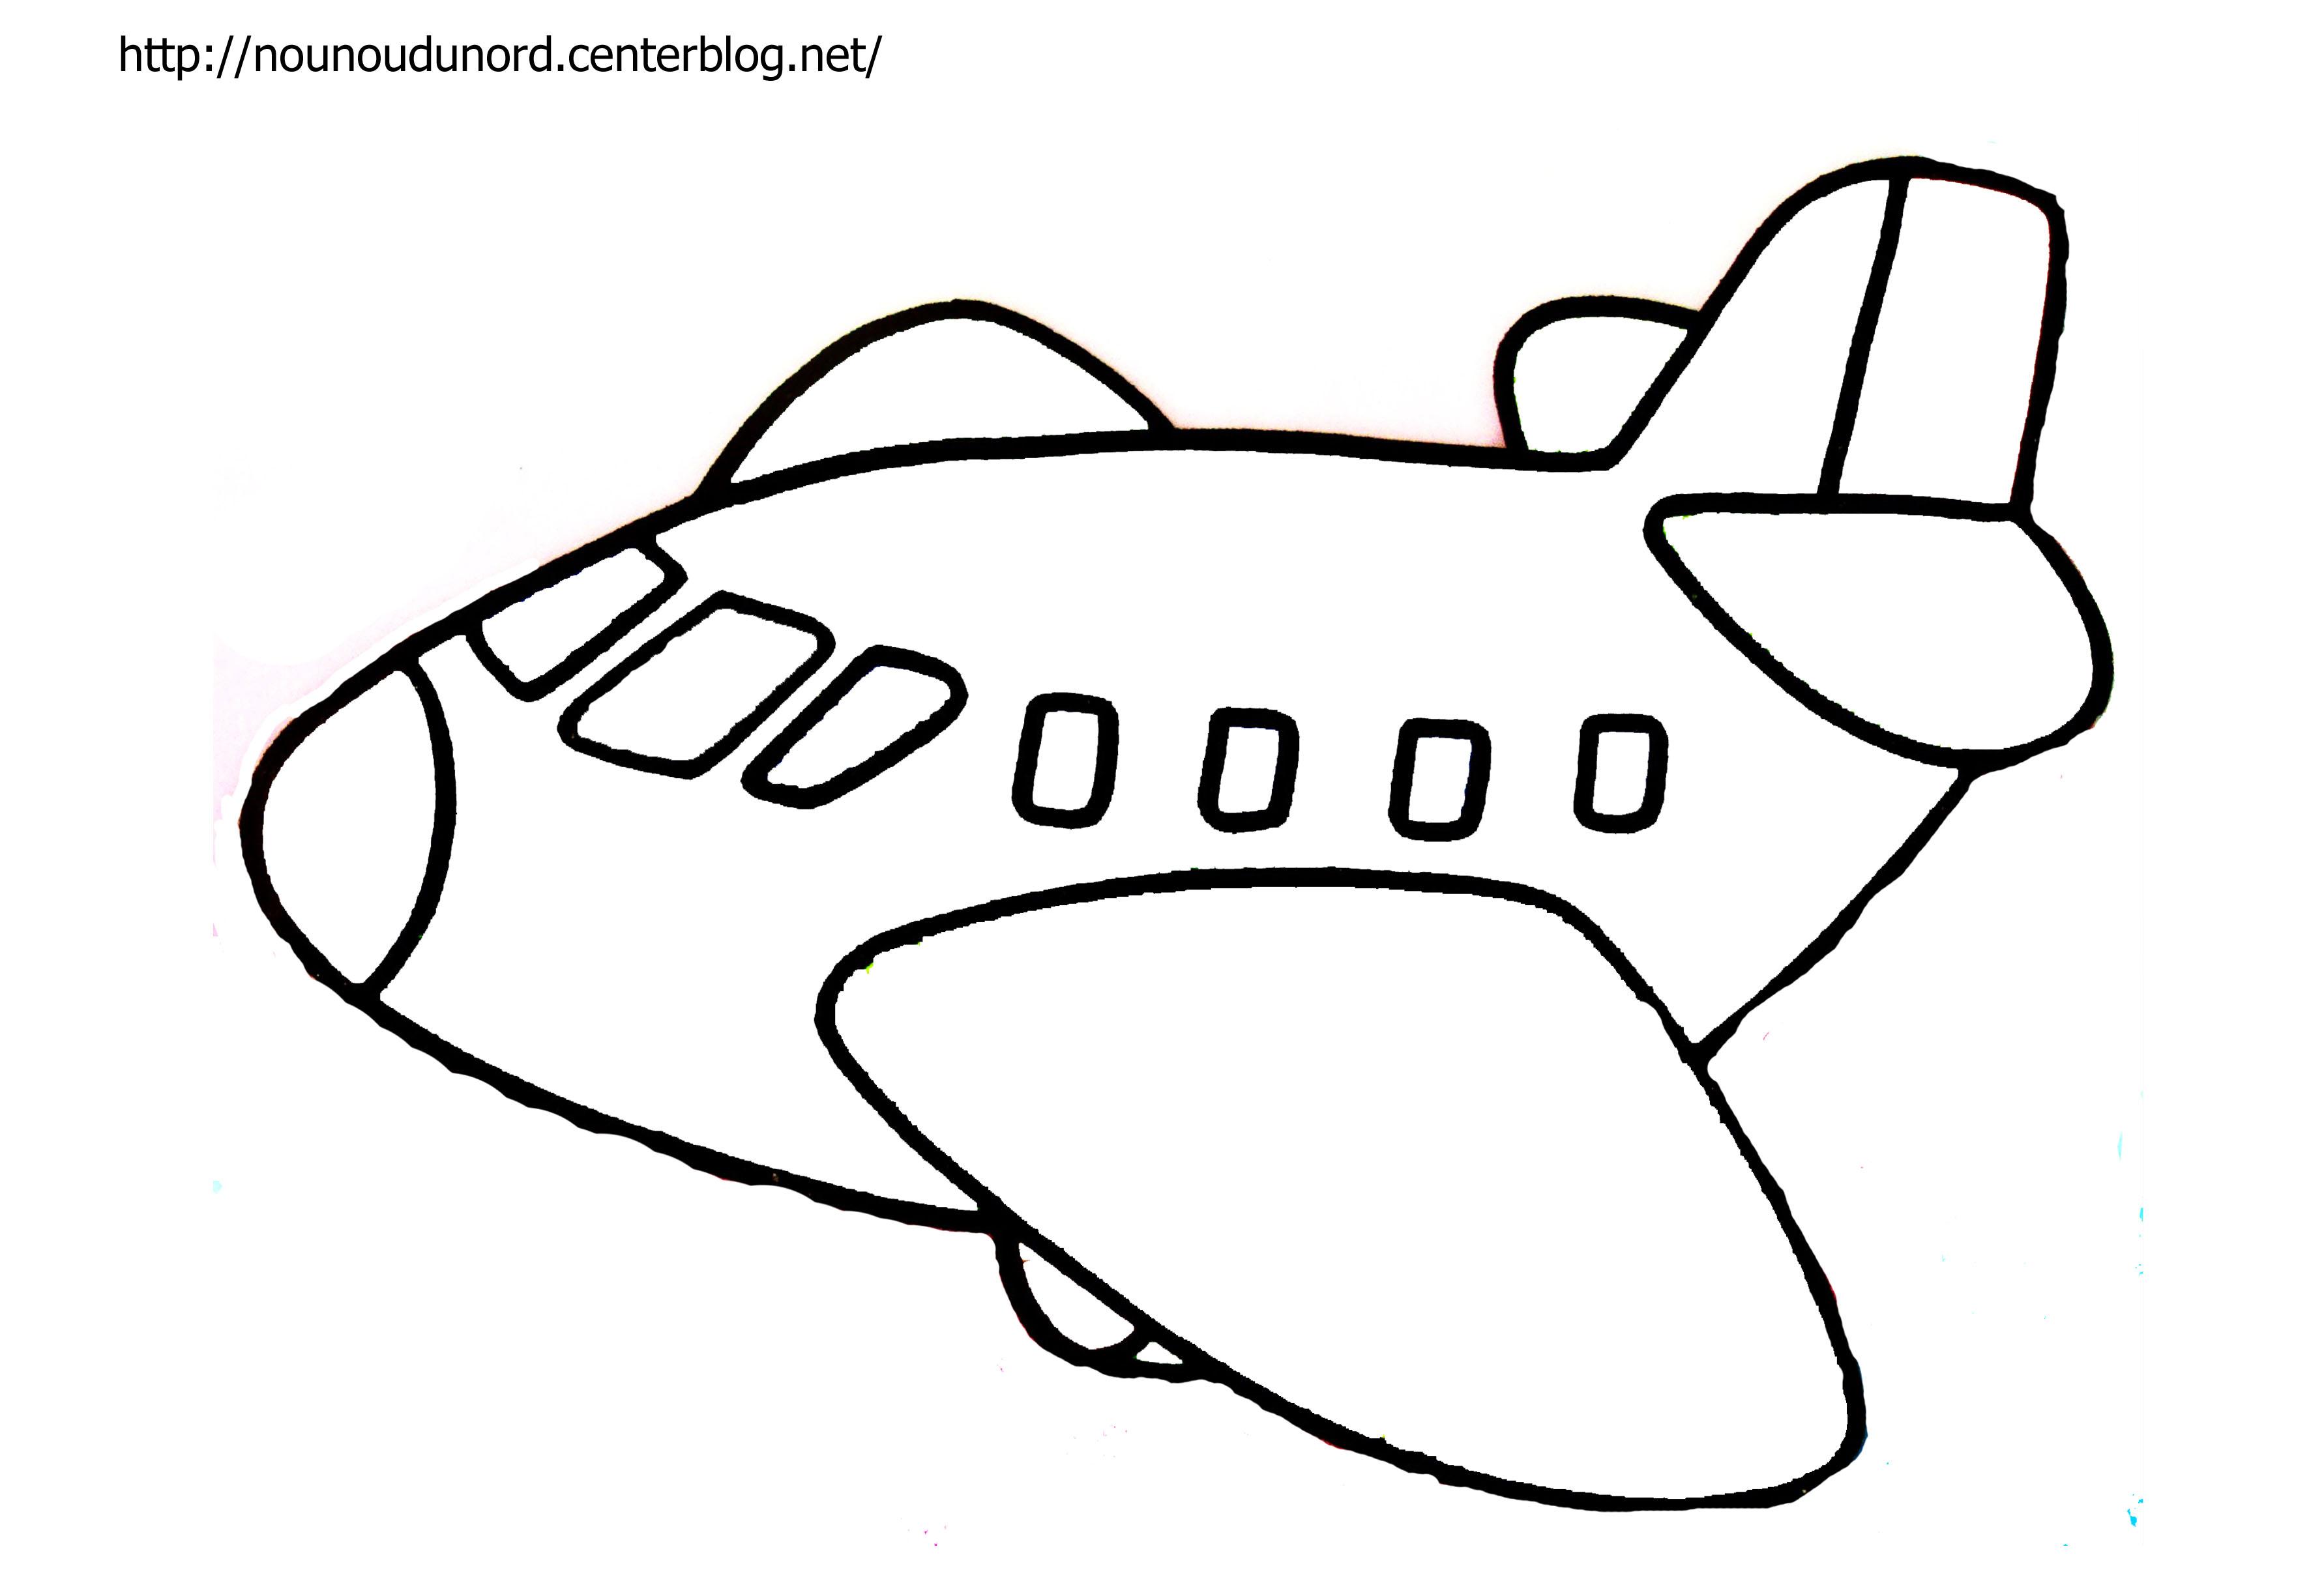 dessin à colorier avion hugo l'escargot